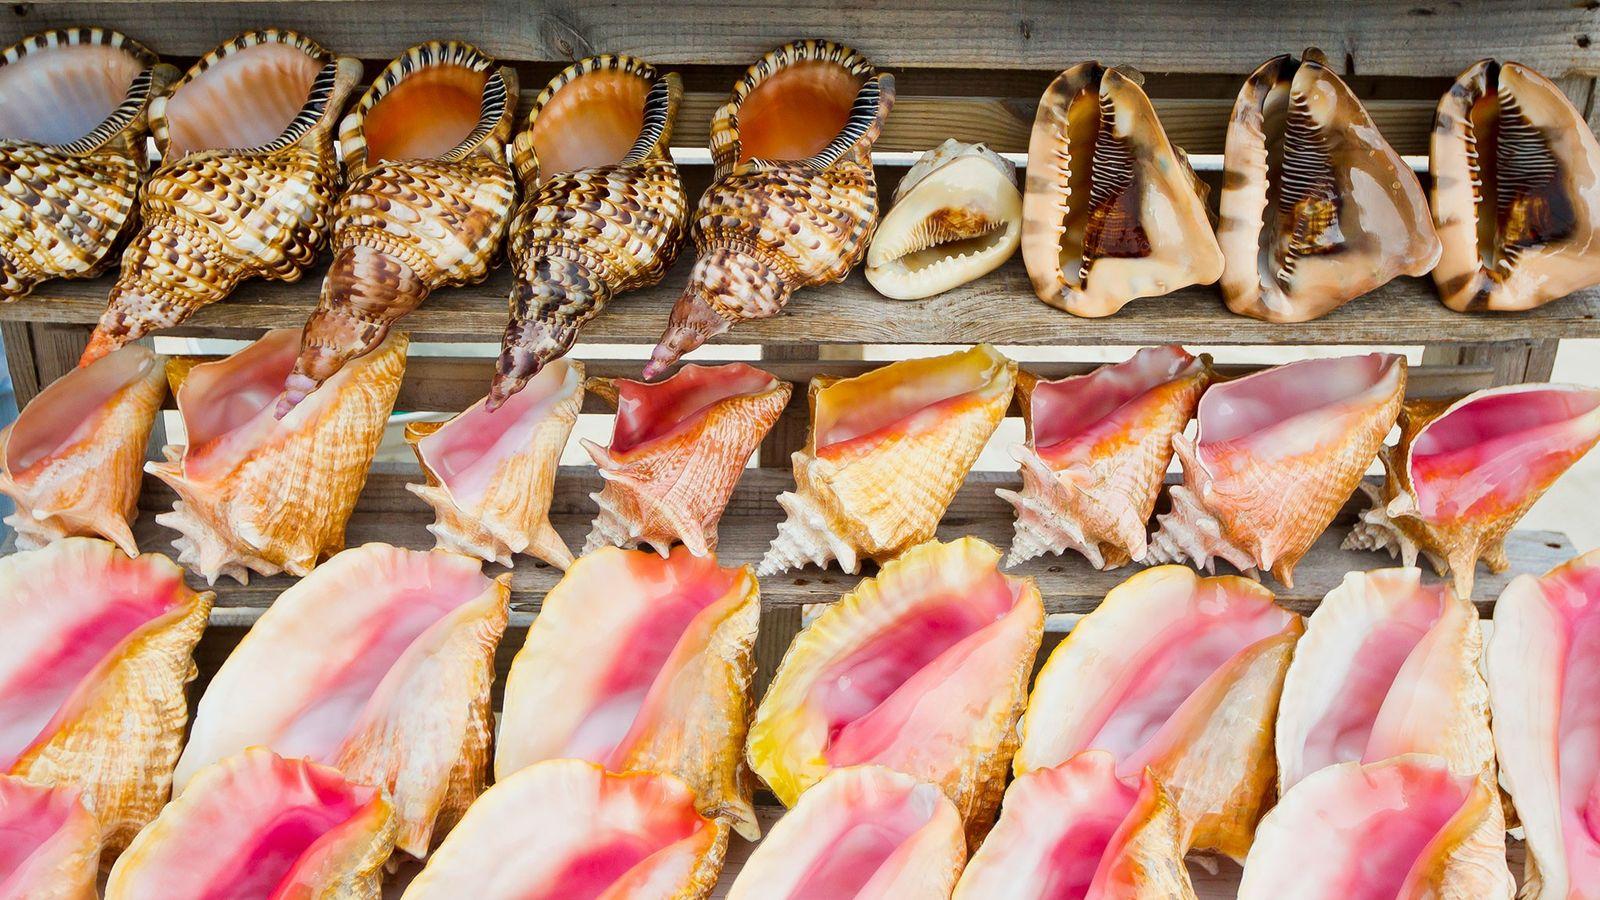 De nombreuses espèces de mollusques marins sont pêchés pour leur coquillage, qui est ensuite vendu comme ...